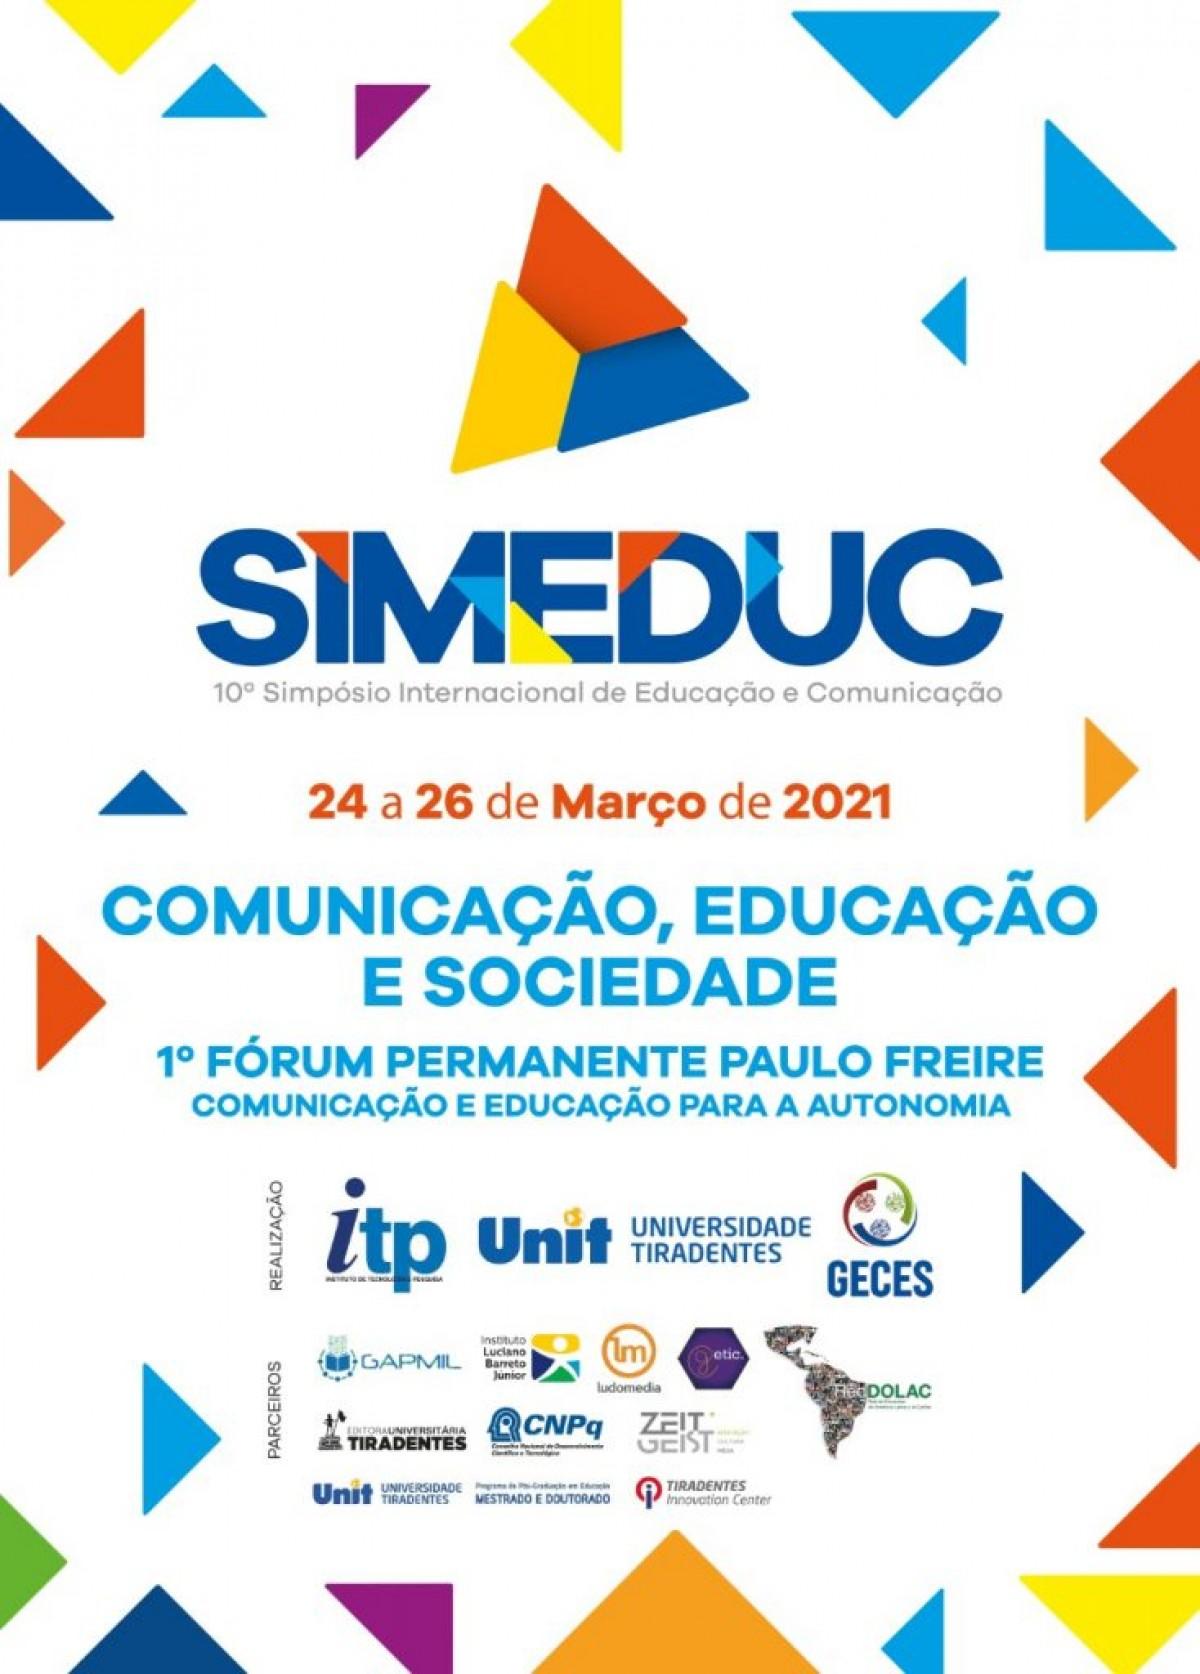 """""""Comunicação, Educação e Sociedade"""" é tema de simpósio internacional (Imagem: Divulgação)"""